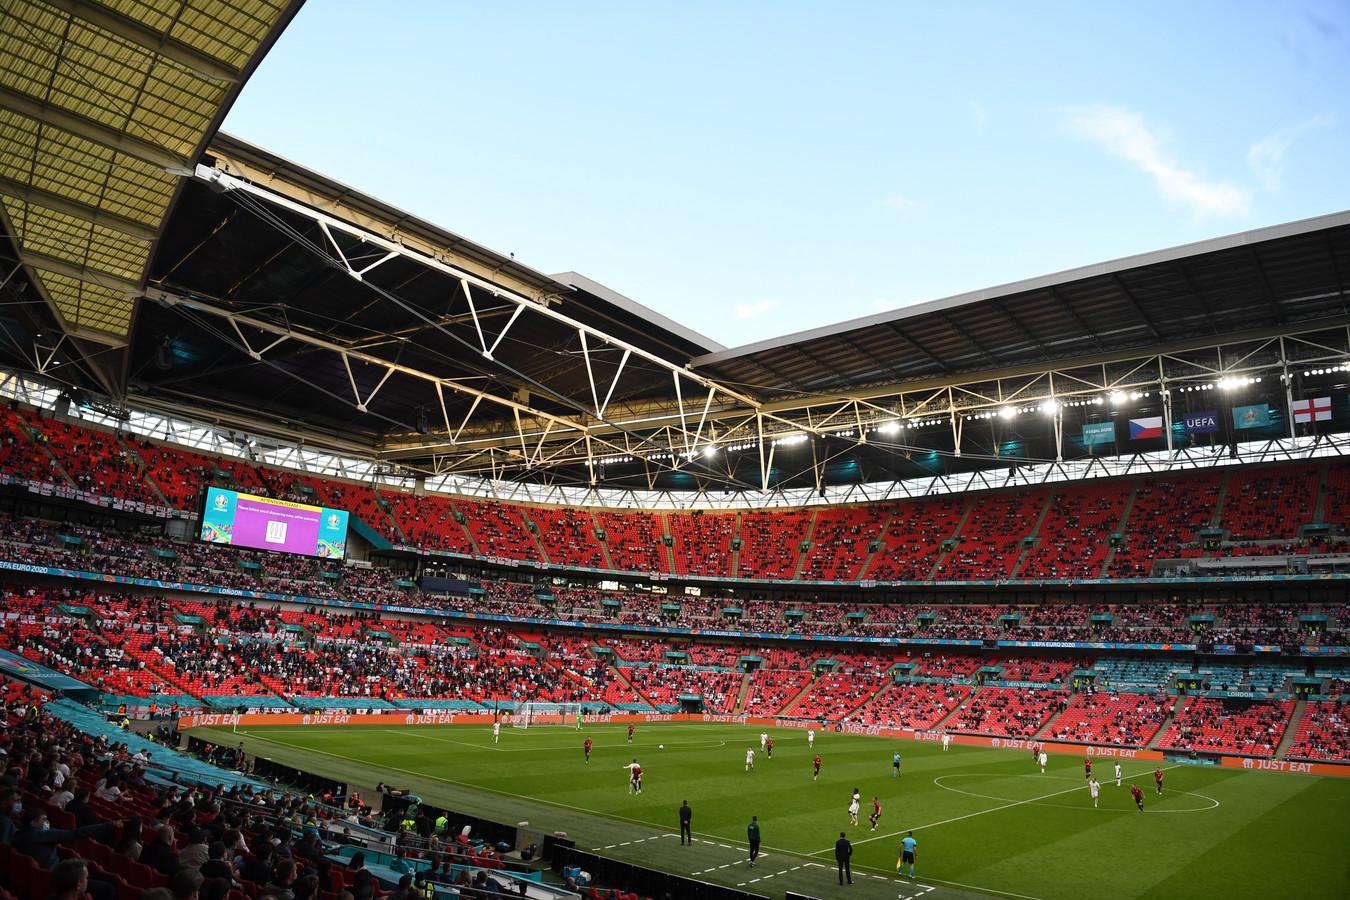 Het Wembleystadion zal met zowat 60.000 fans gevuld worden tijdens de EK-finale.